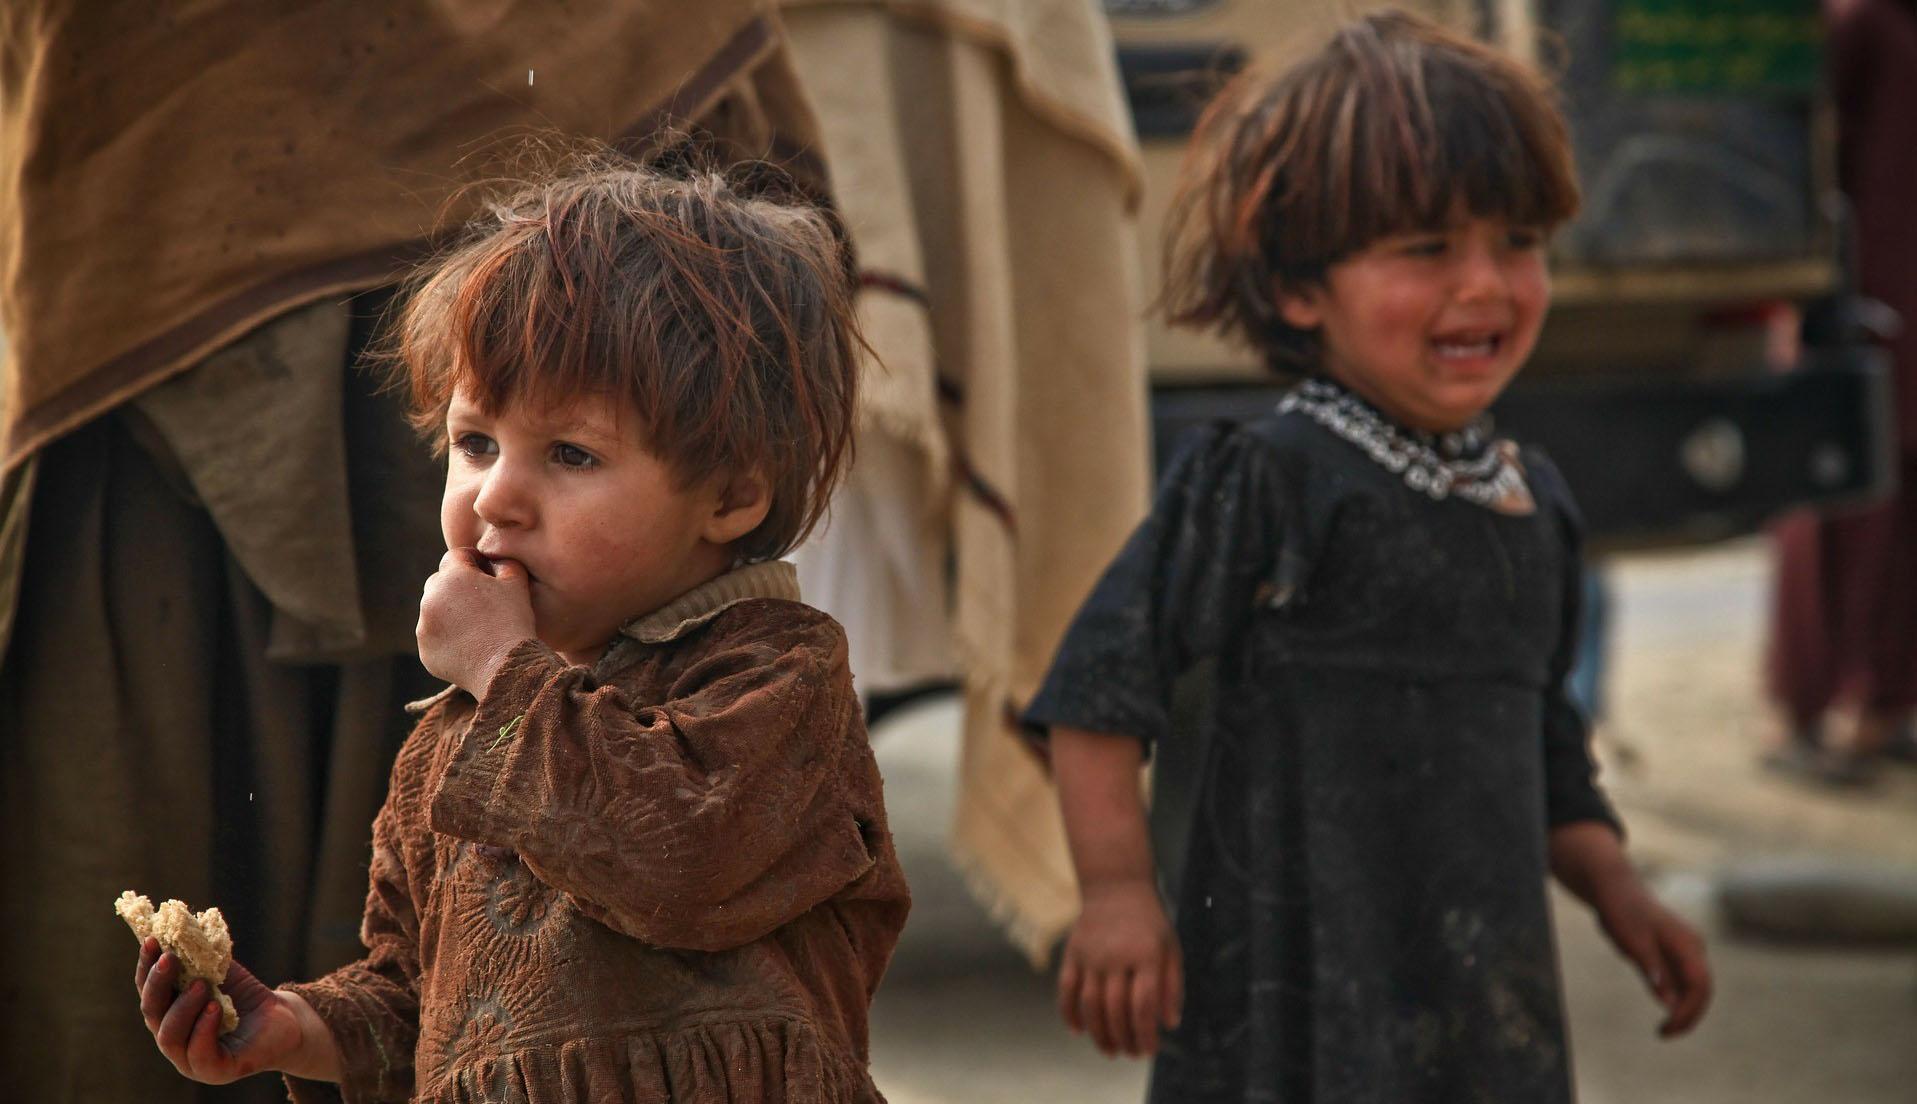 A romániai és bulgáriai gyerekek vannak leginkább kitéve az elszegényedés kockázatának